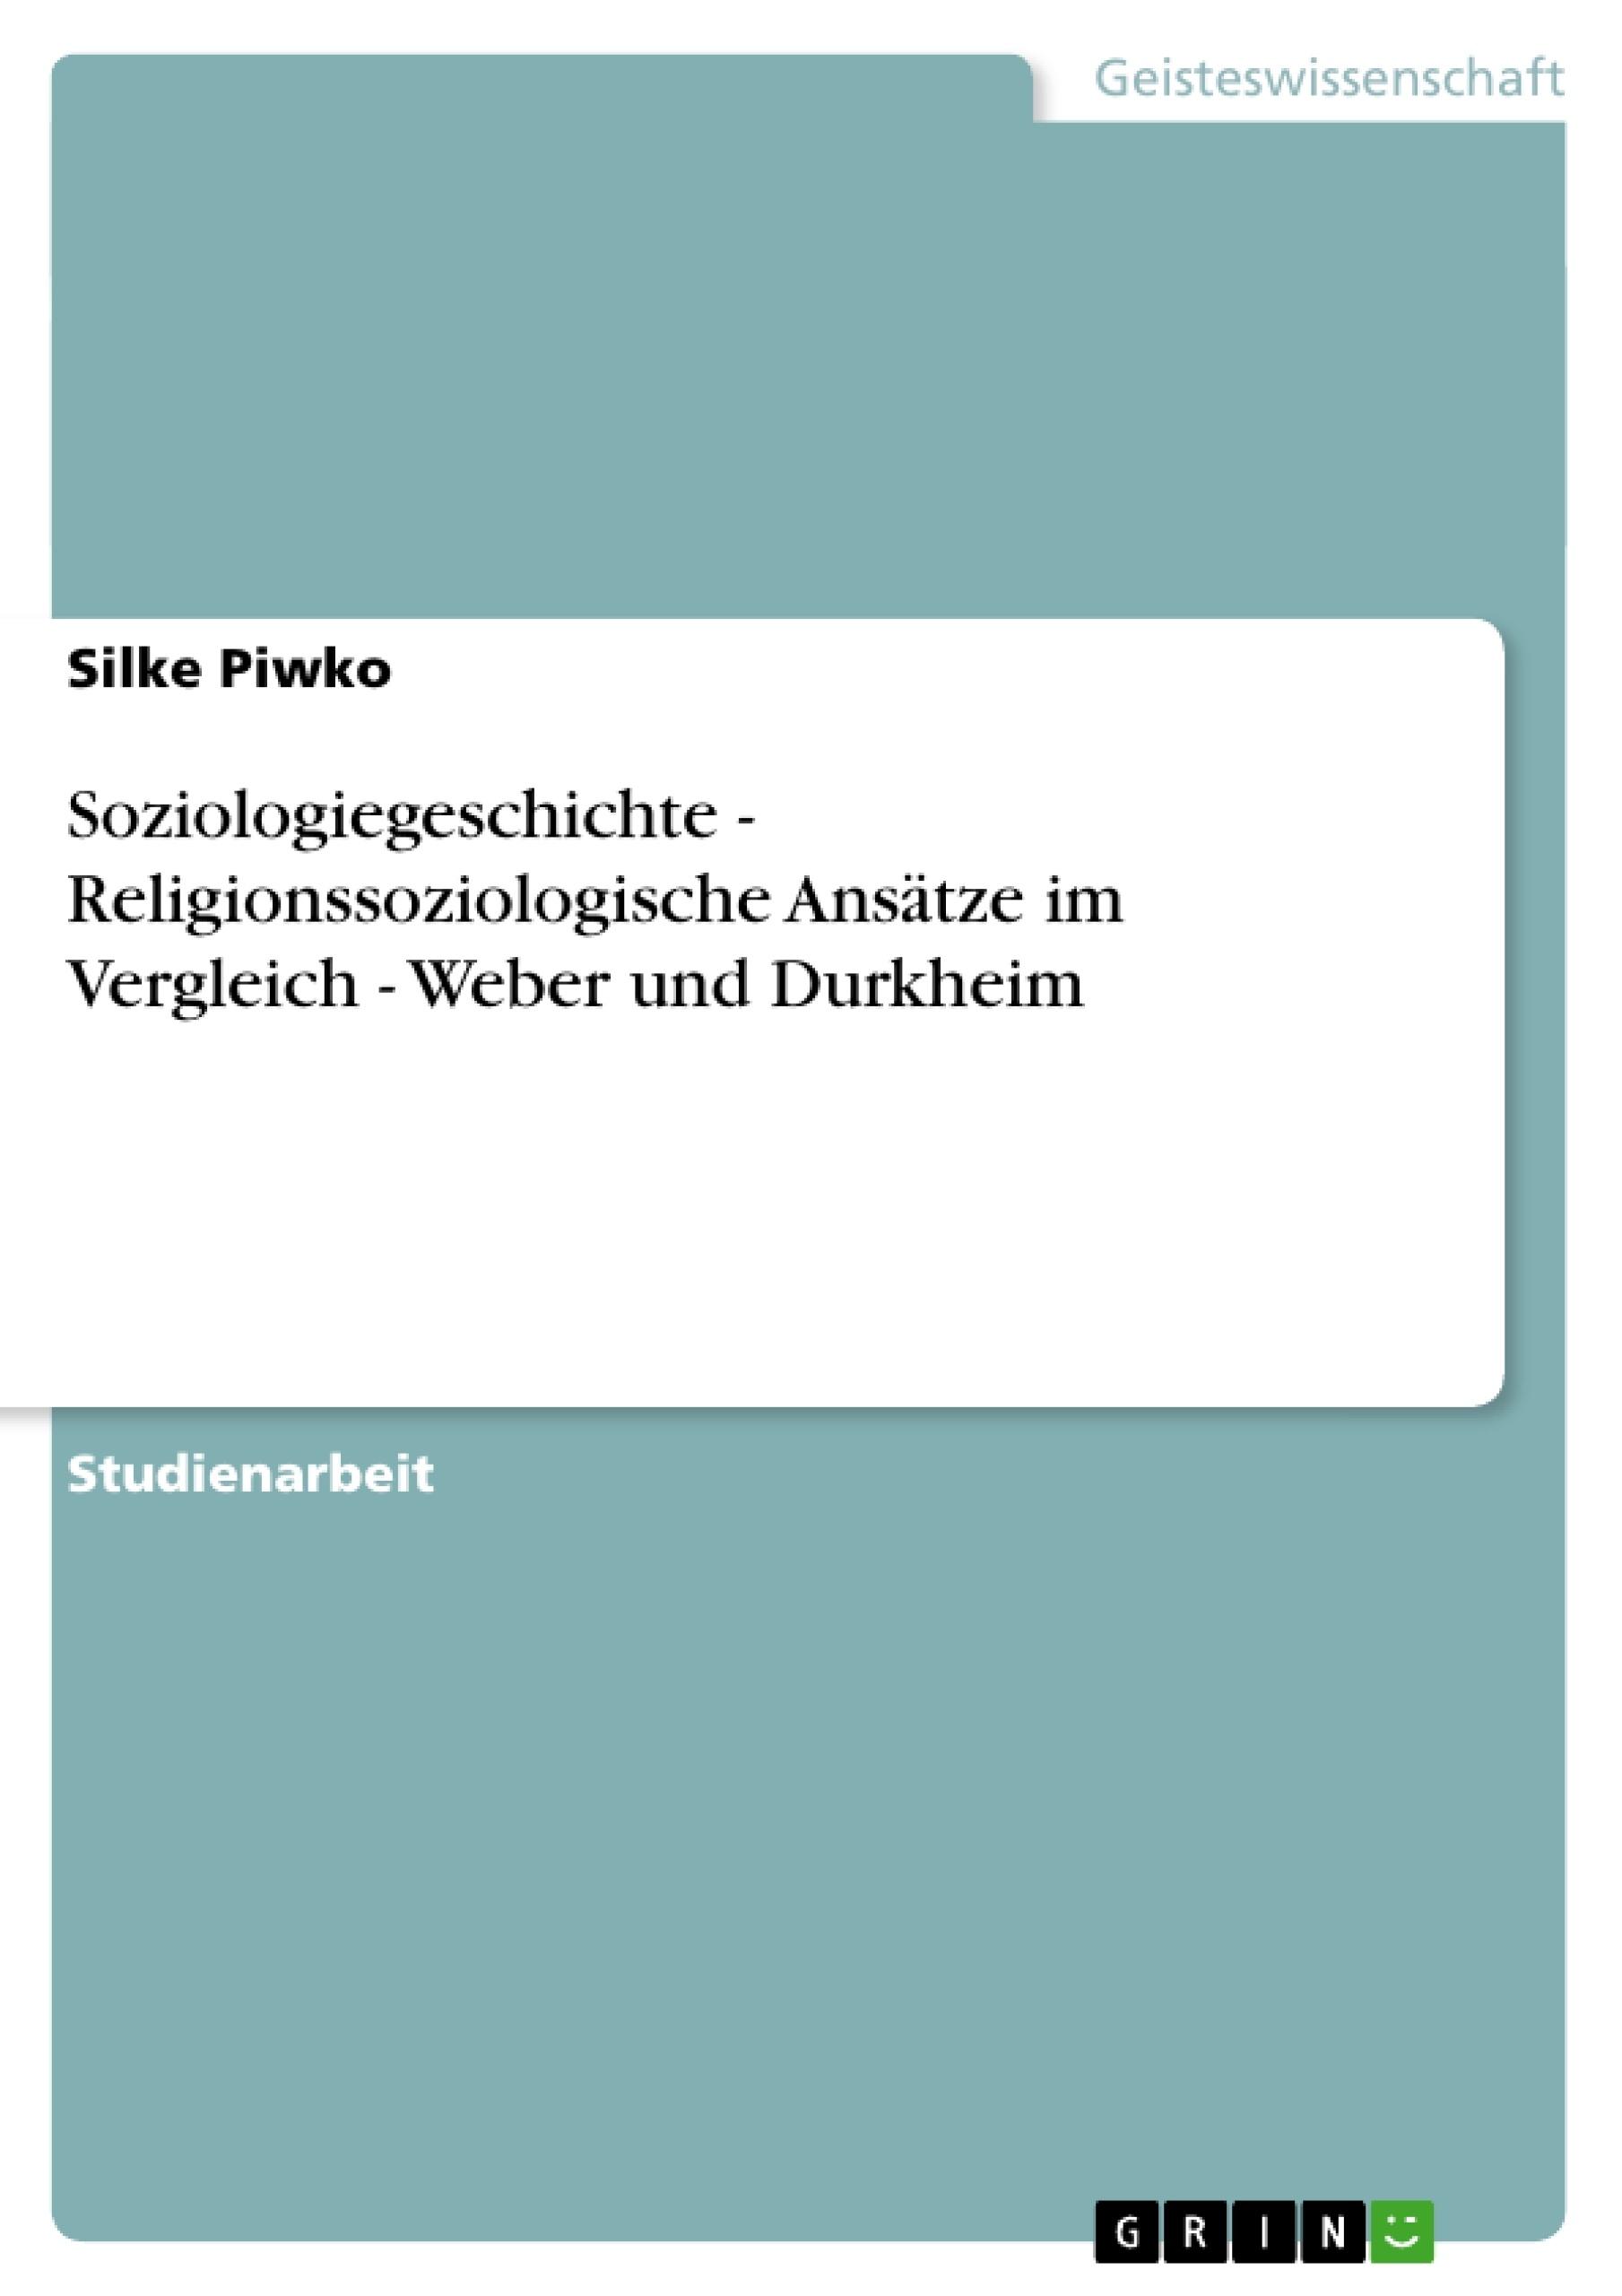 Titel: Soziologiegeschichte - Religionssoziologische Ansätze im Vergleich - Weber und Durkheim